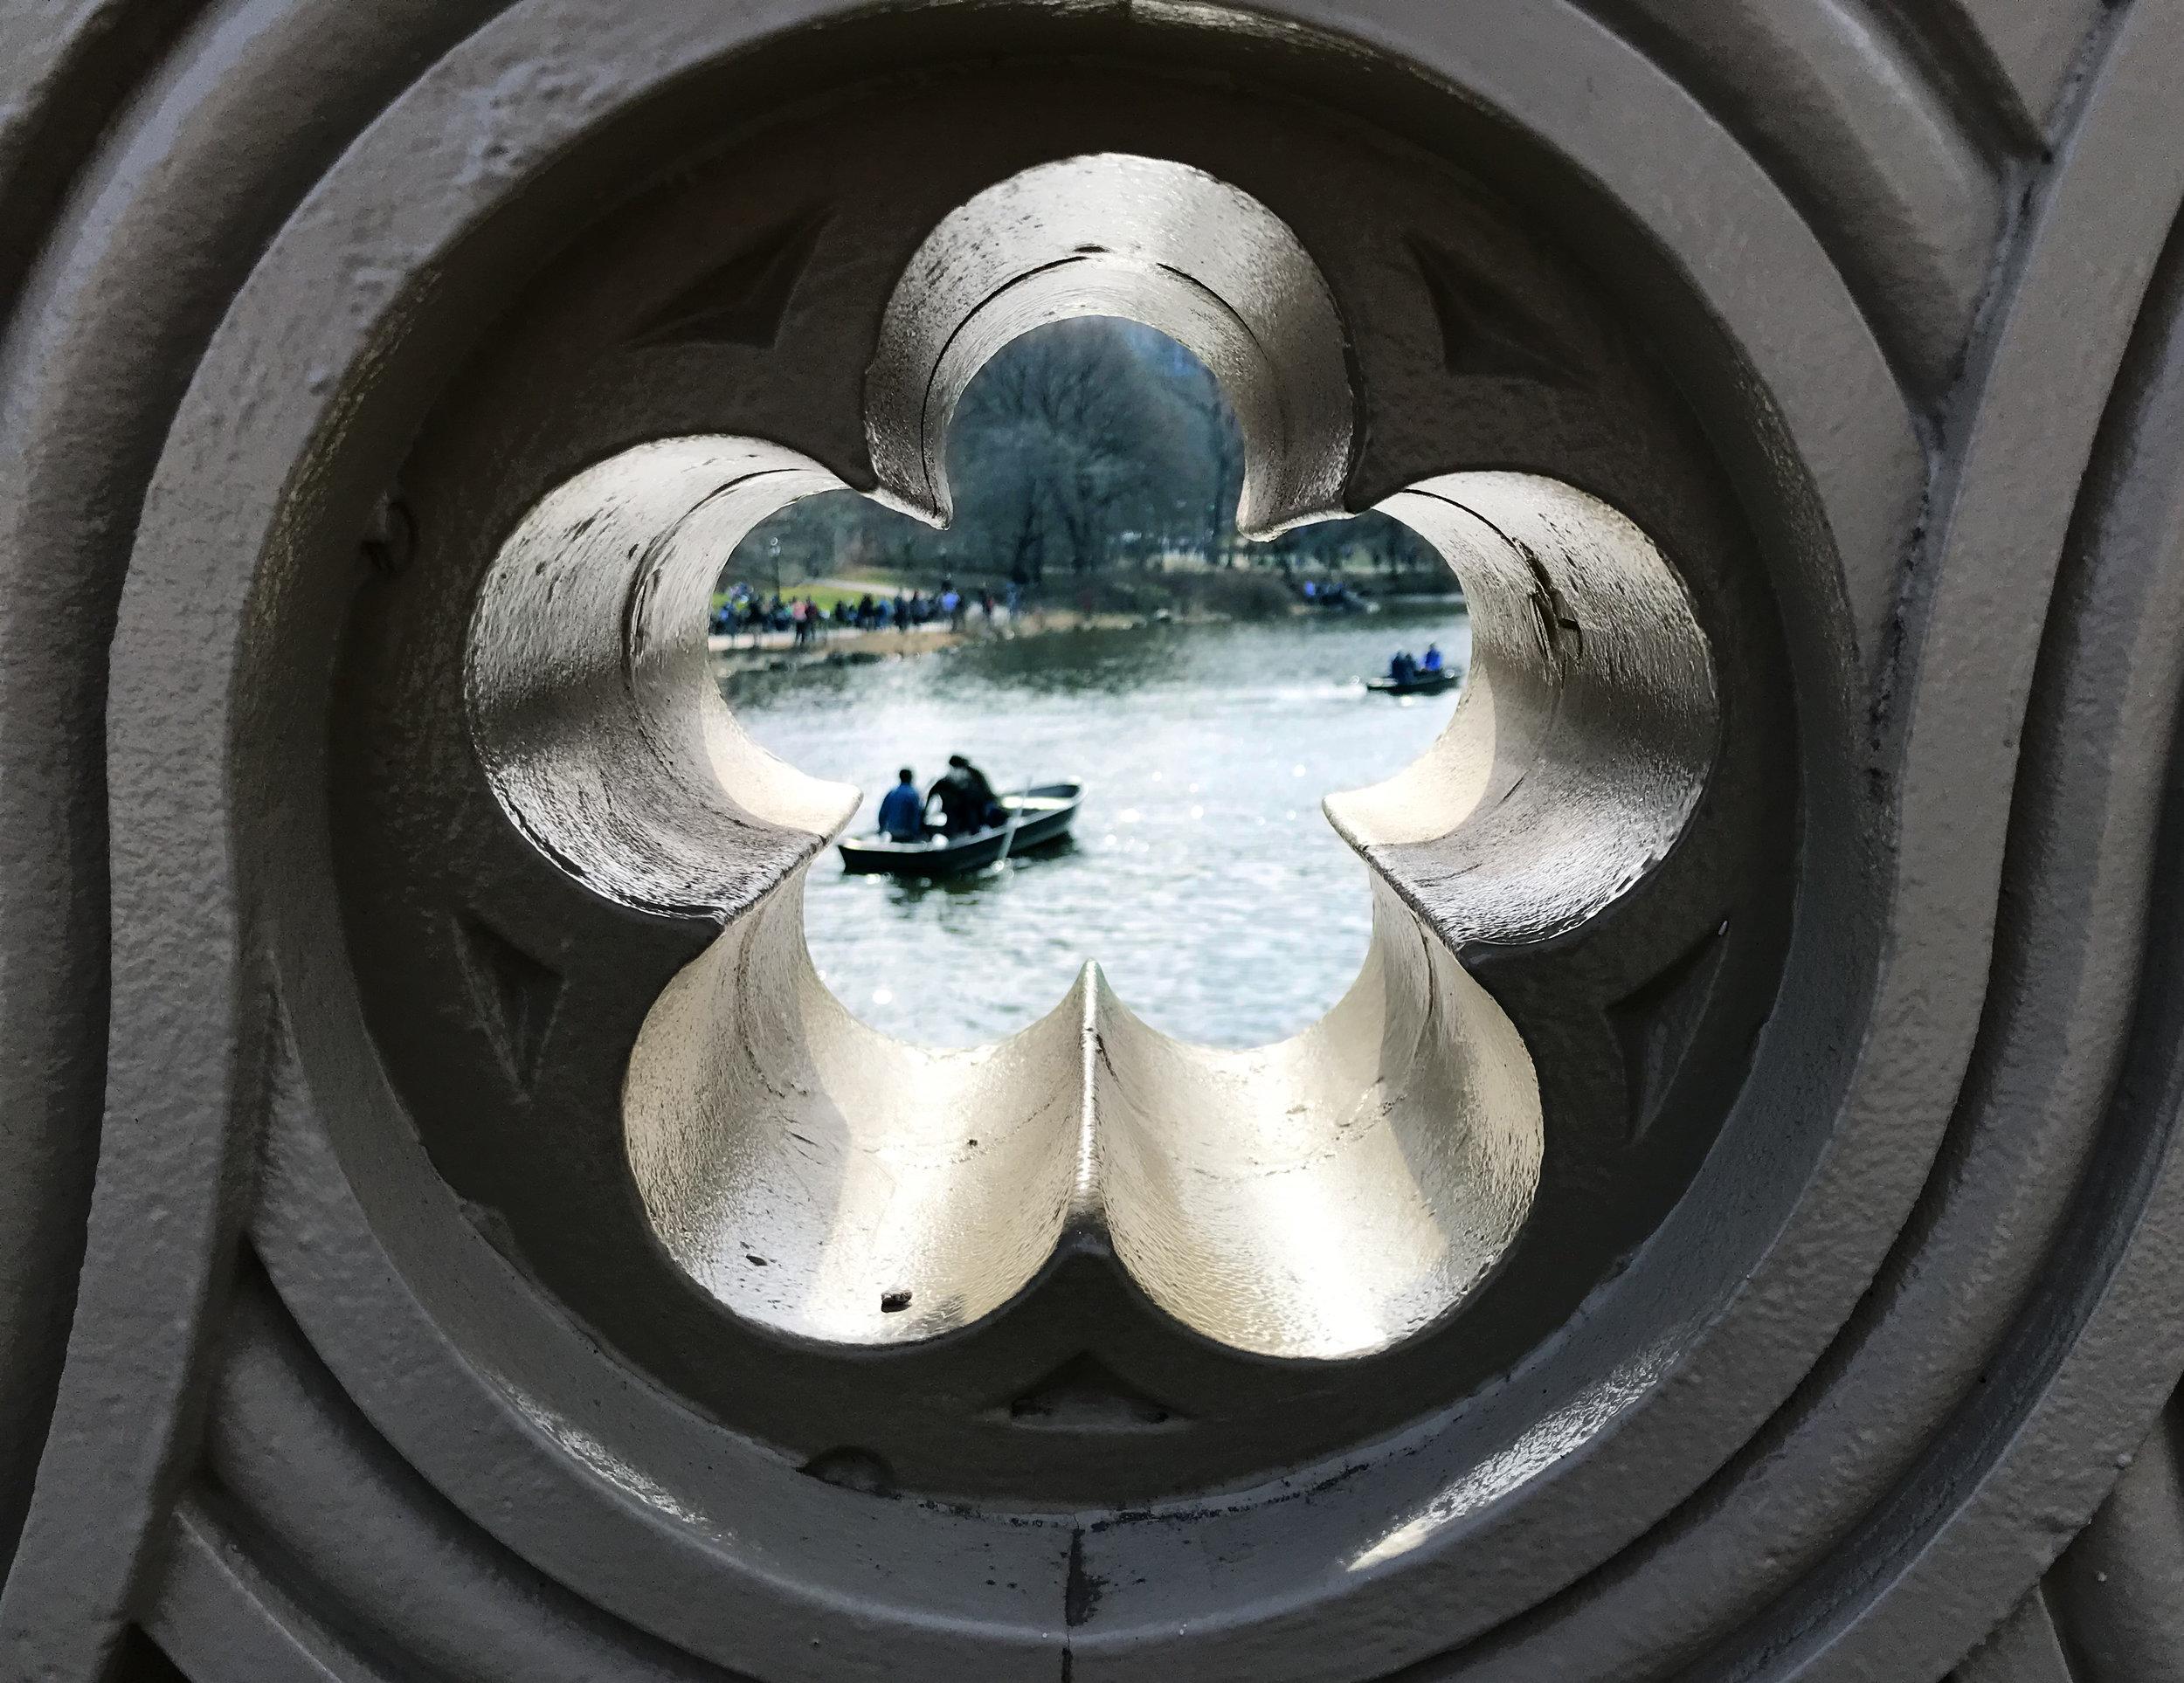 סנטרל פארק בראי הצילום